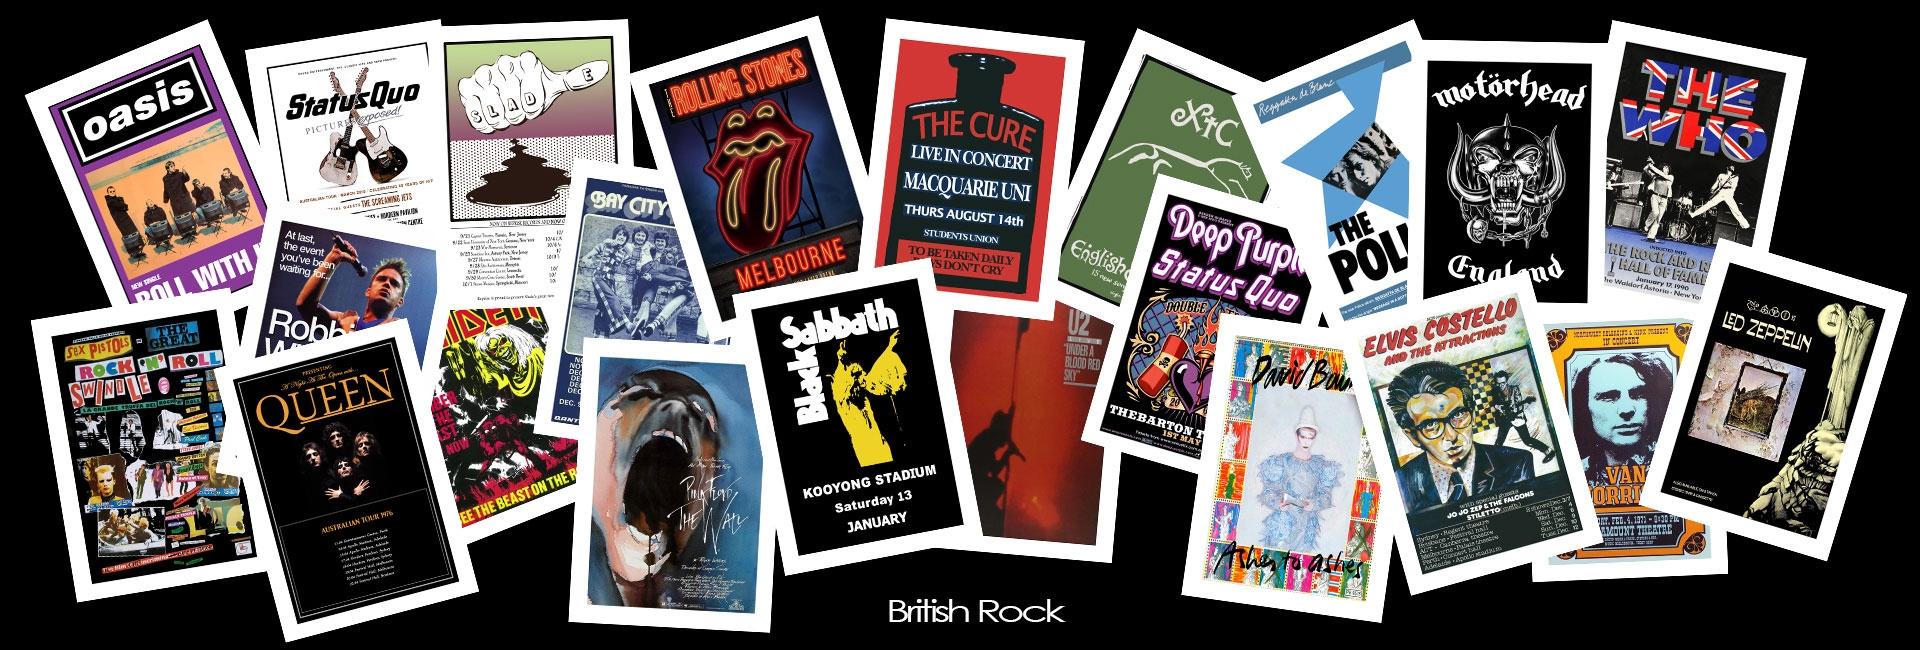 BRITISH / EUROPEAN ARTISTS